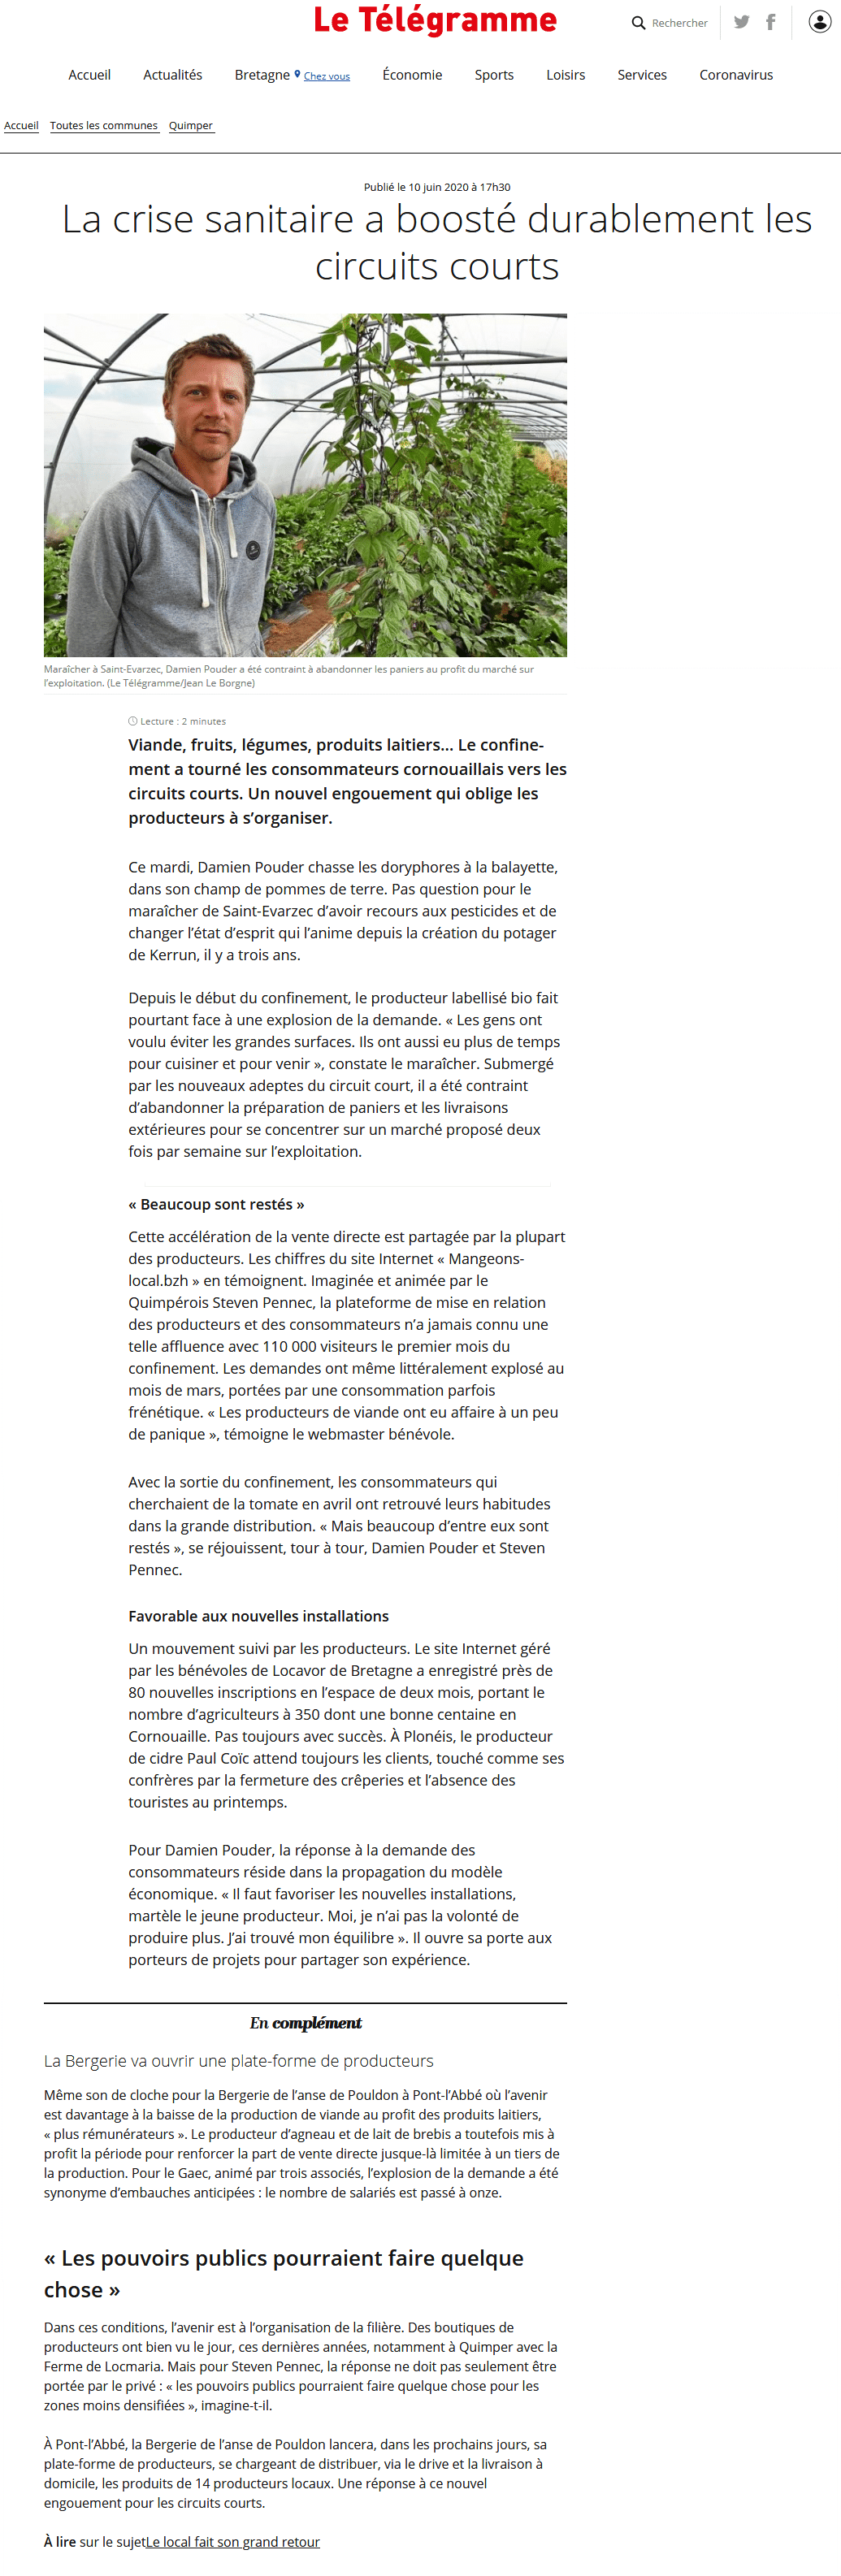 Article du Télégramme sur la Crise Sanitaire et le Circuit Court !